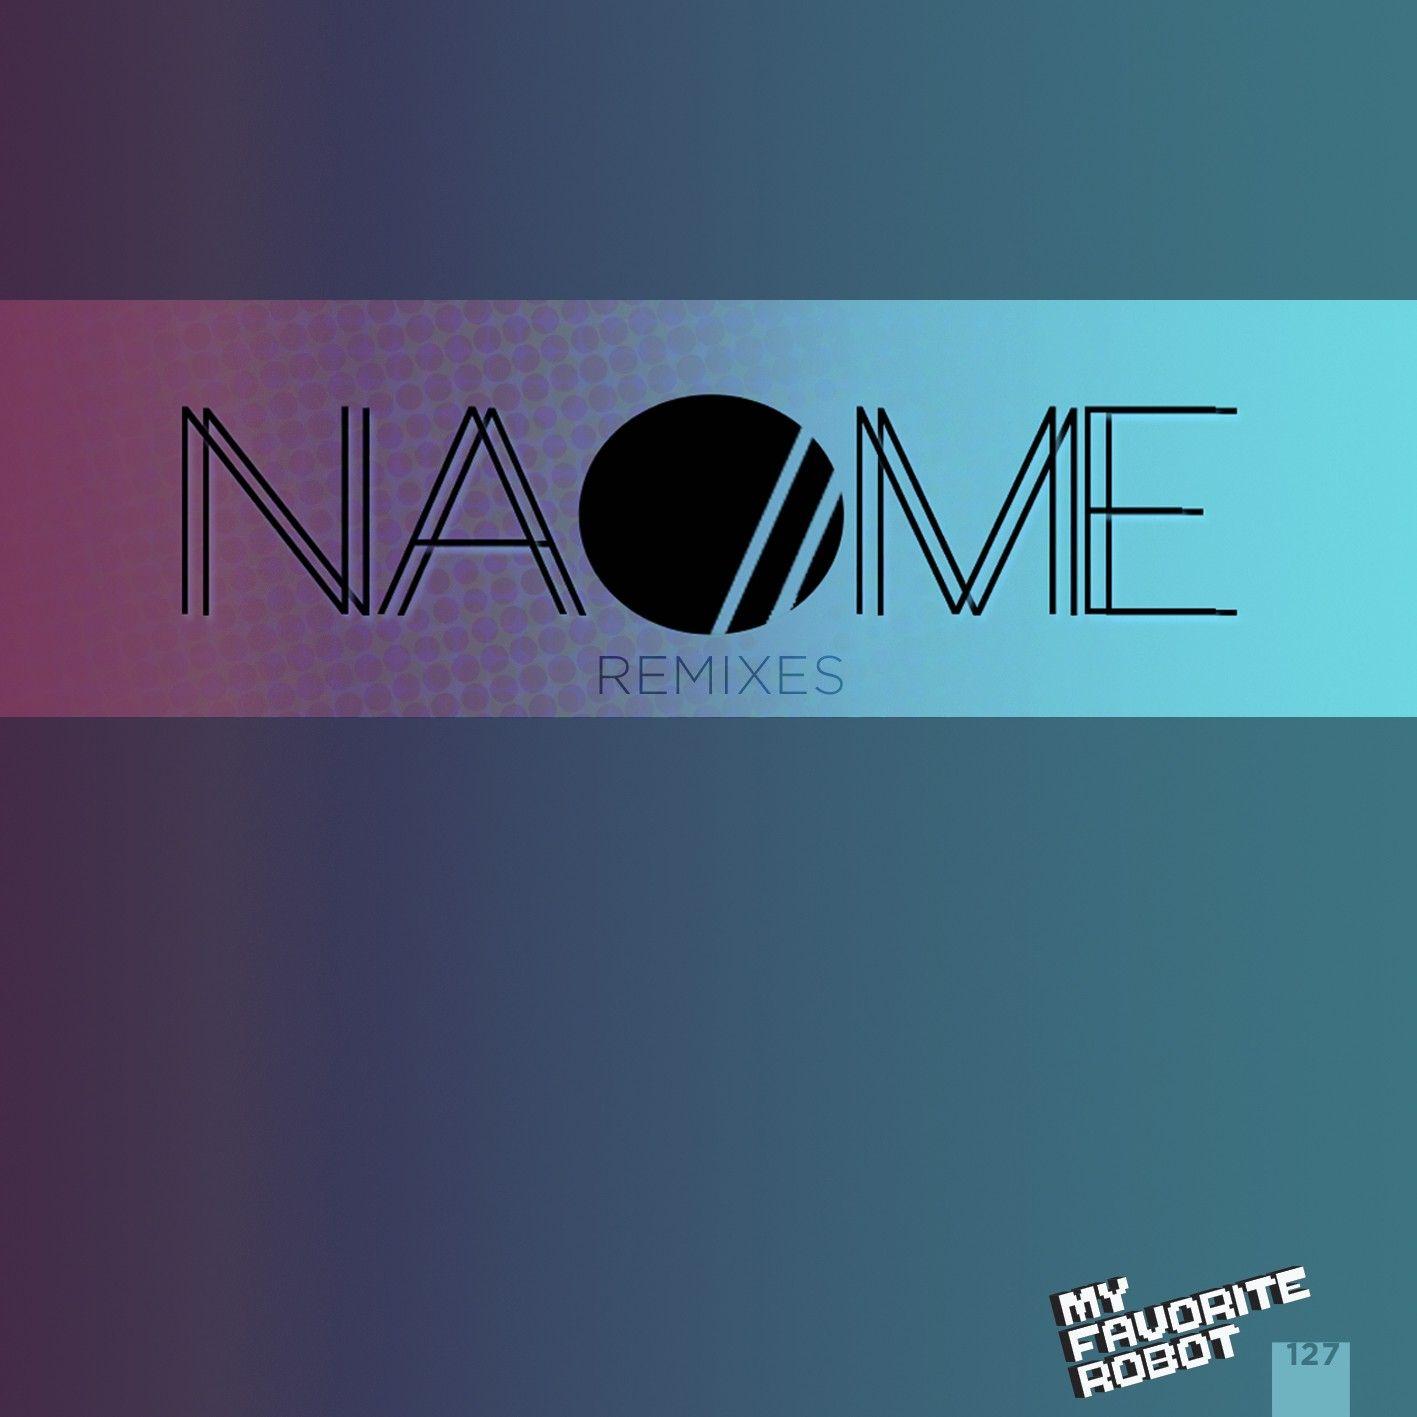 naome-remixes1417x1417.jpg